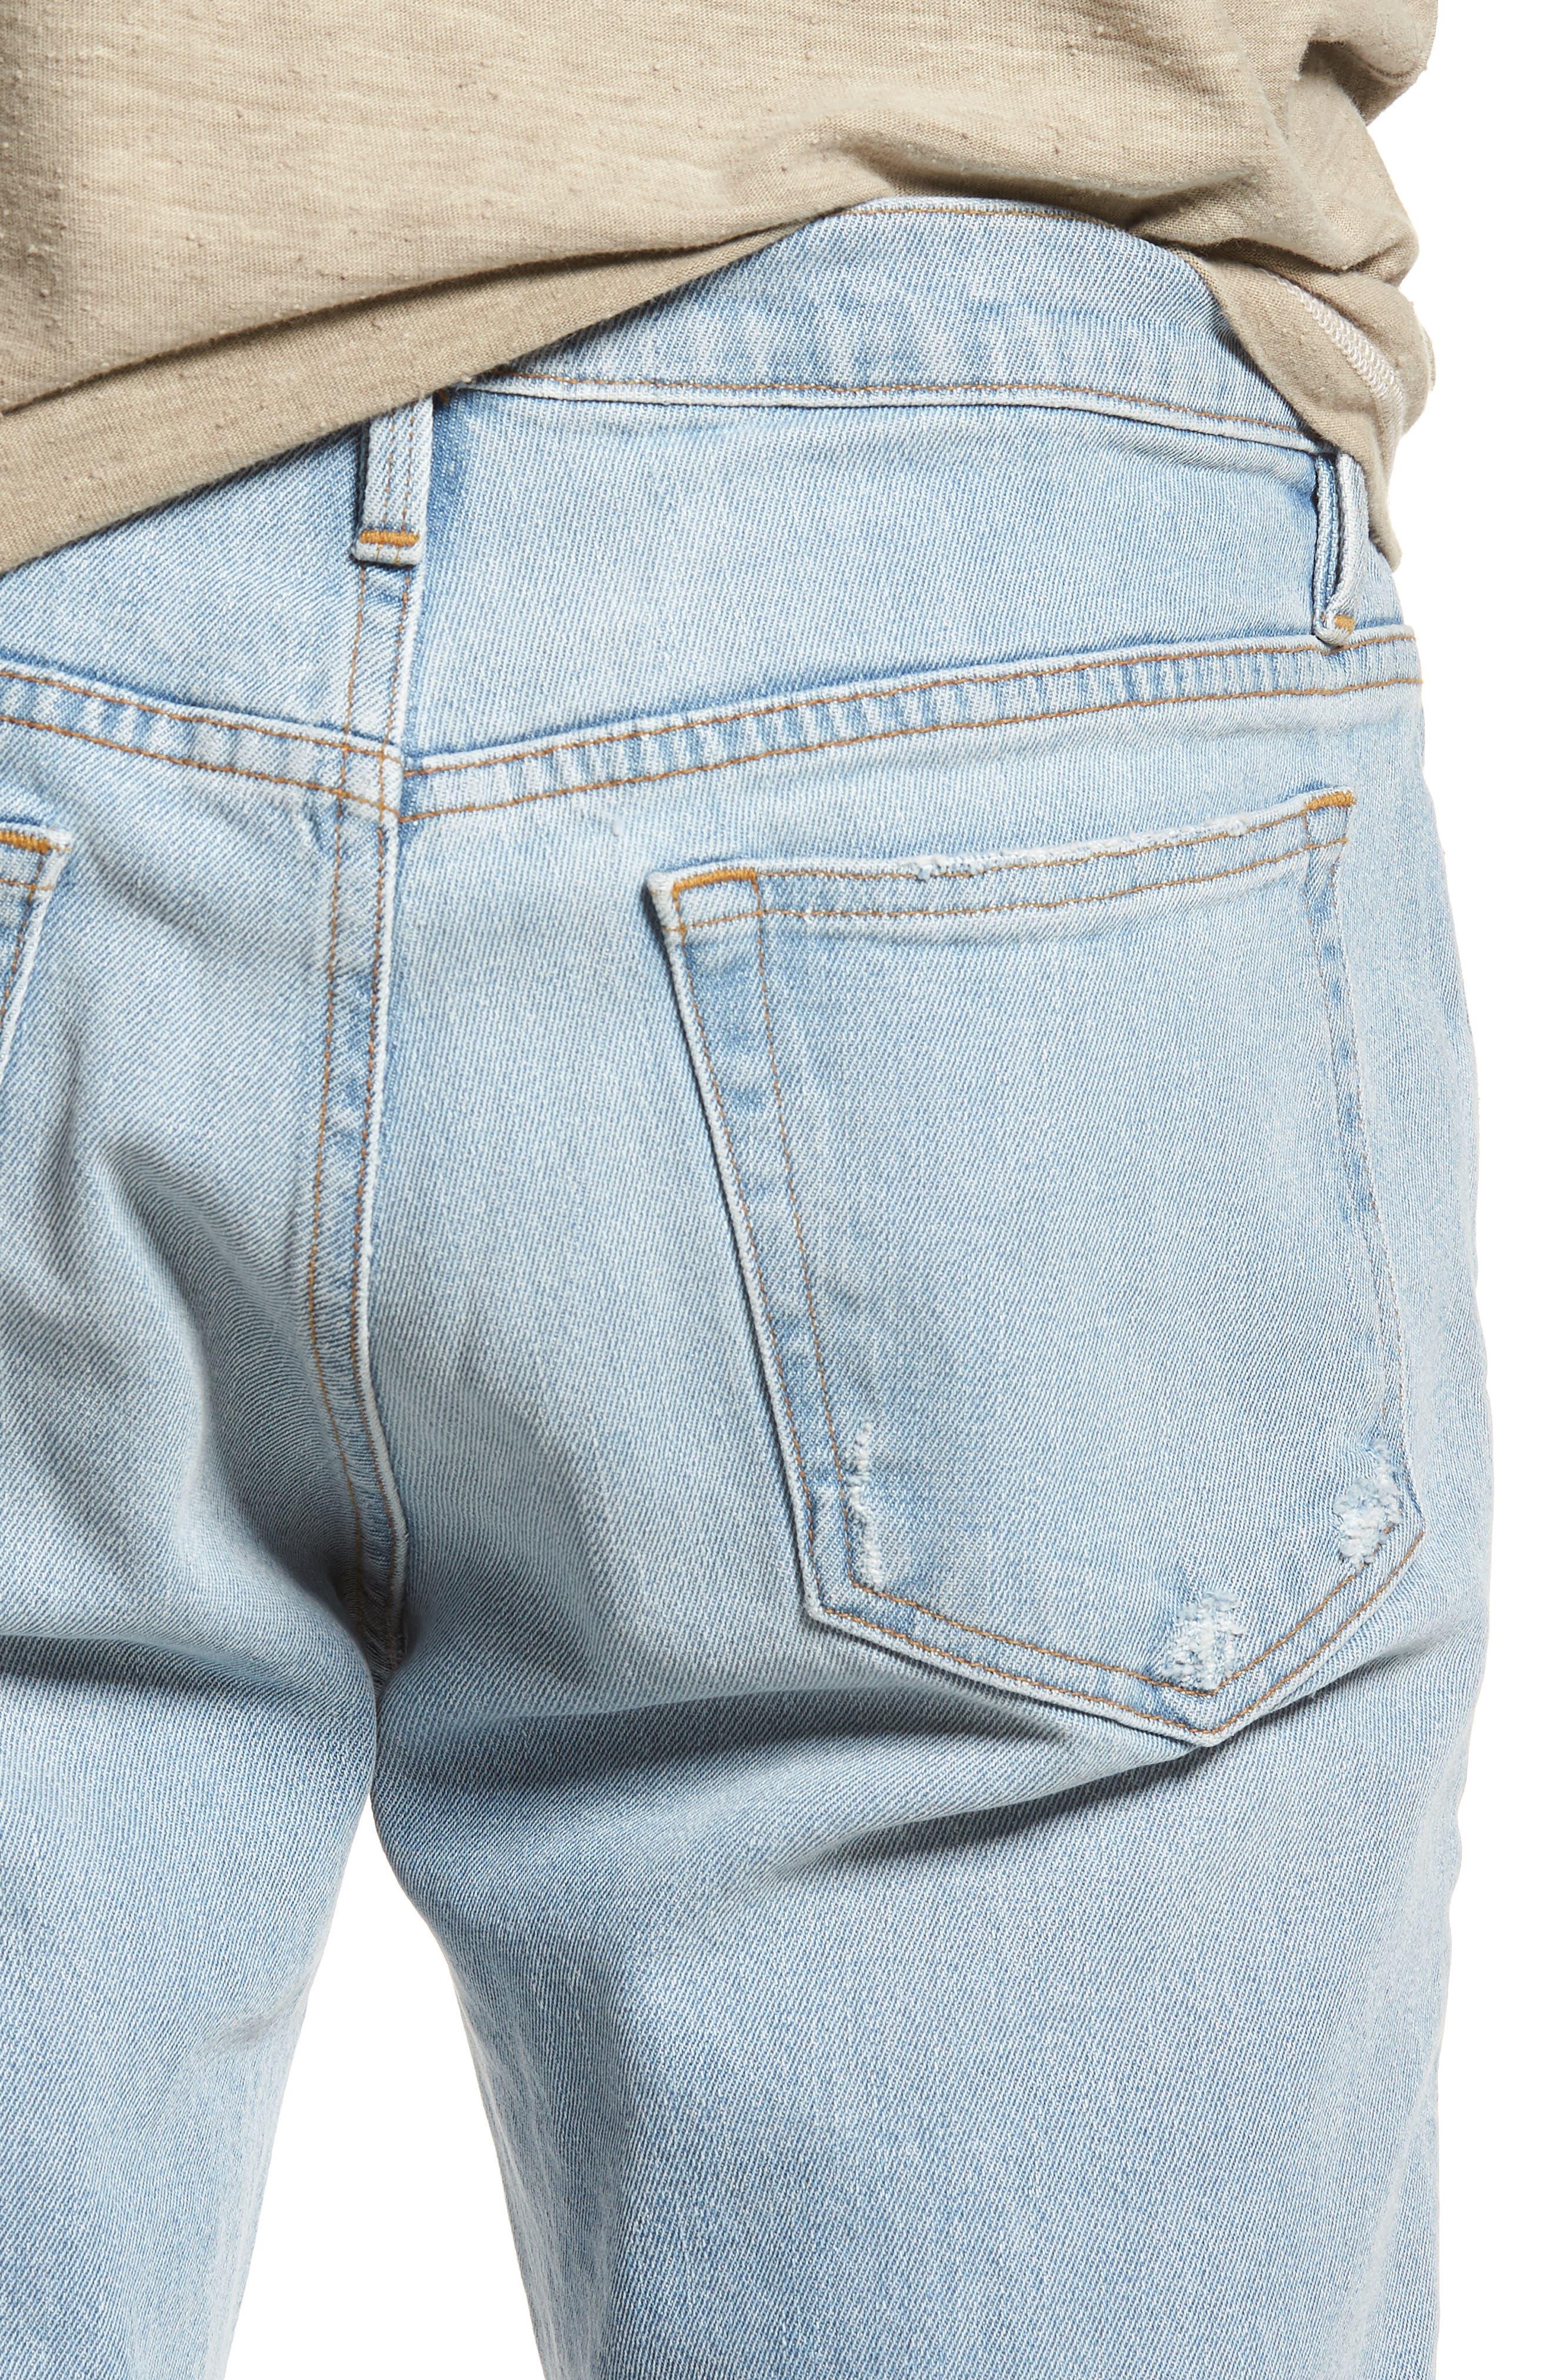 L'Homme Skinny Fit Jeans,                             Alternate thumbnail 4, color,                             Arnett